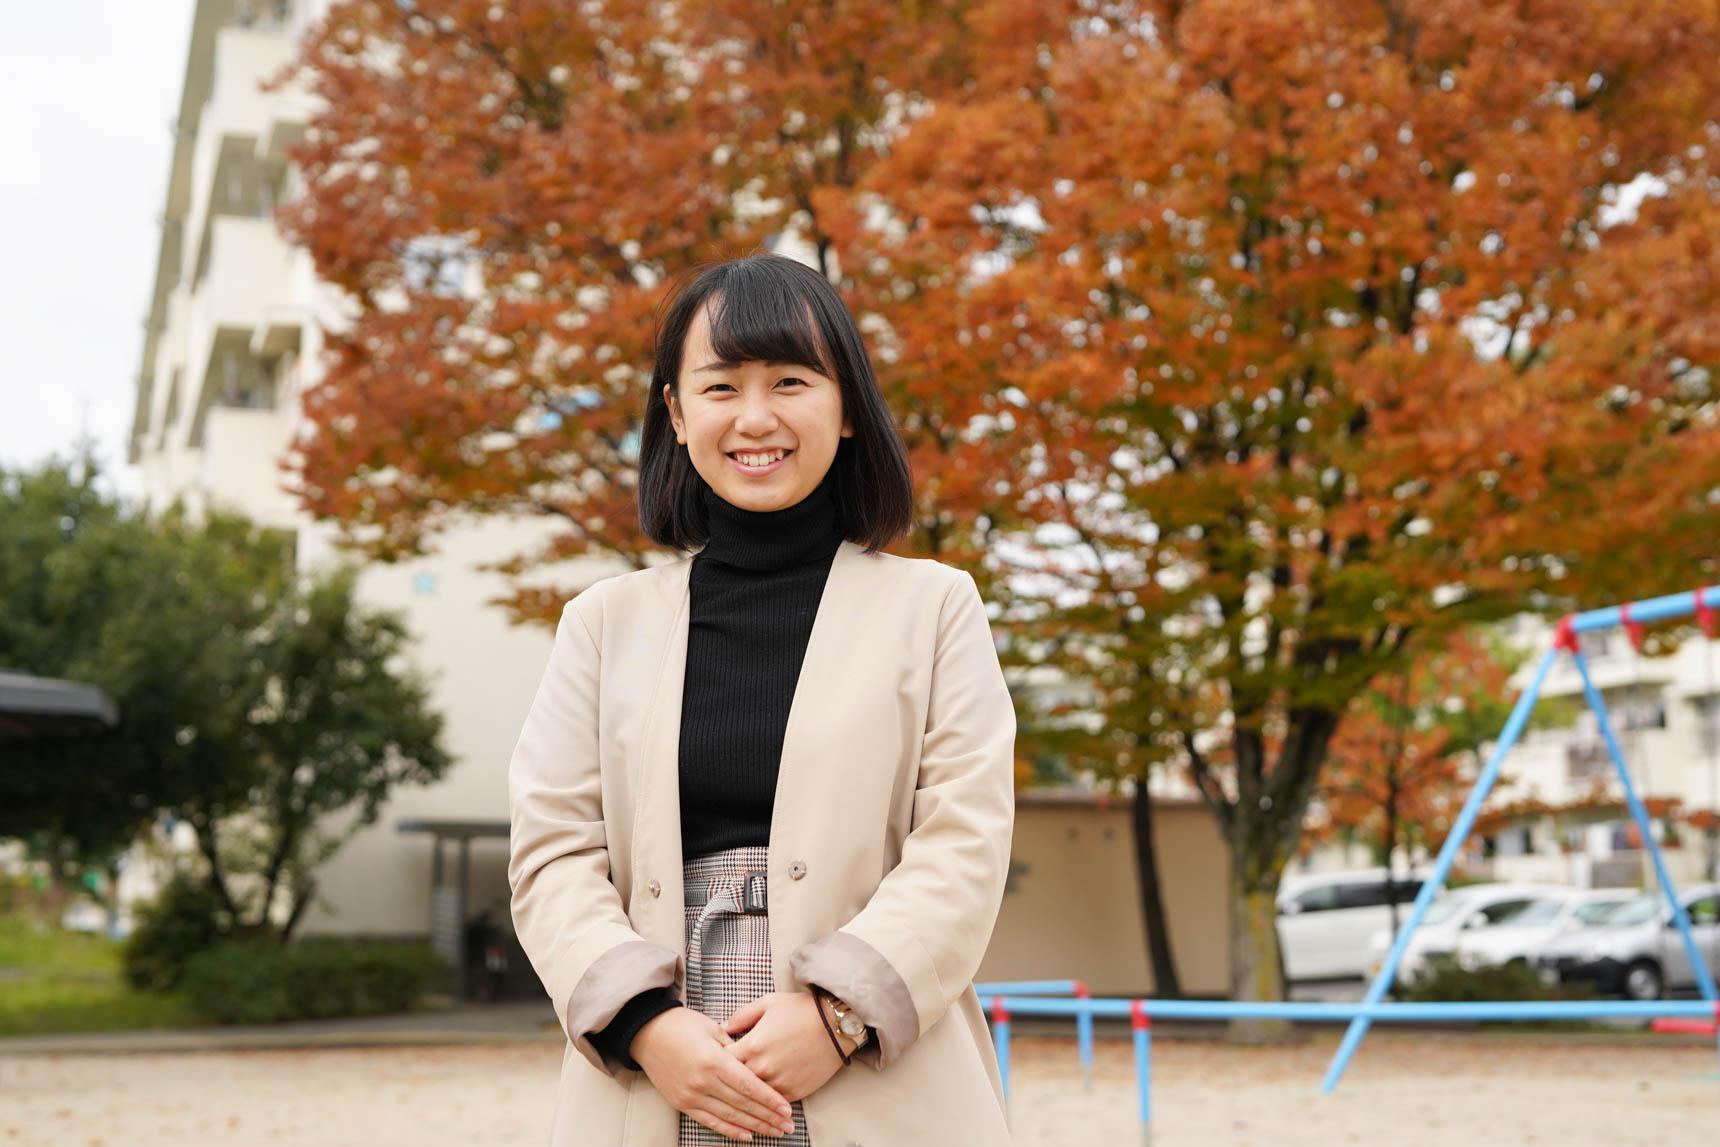 ご案内いただいたのは、UR都市機構の大澤さんです。